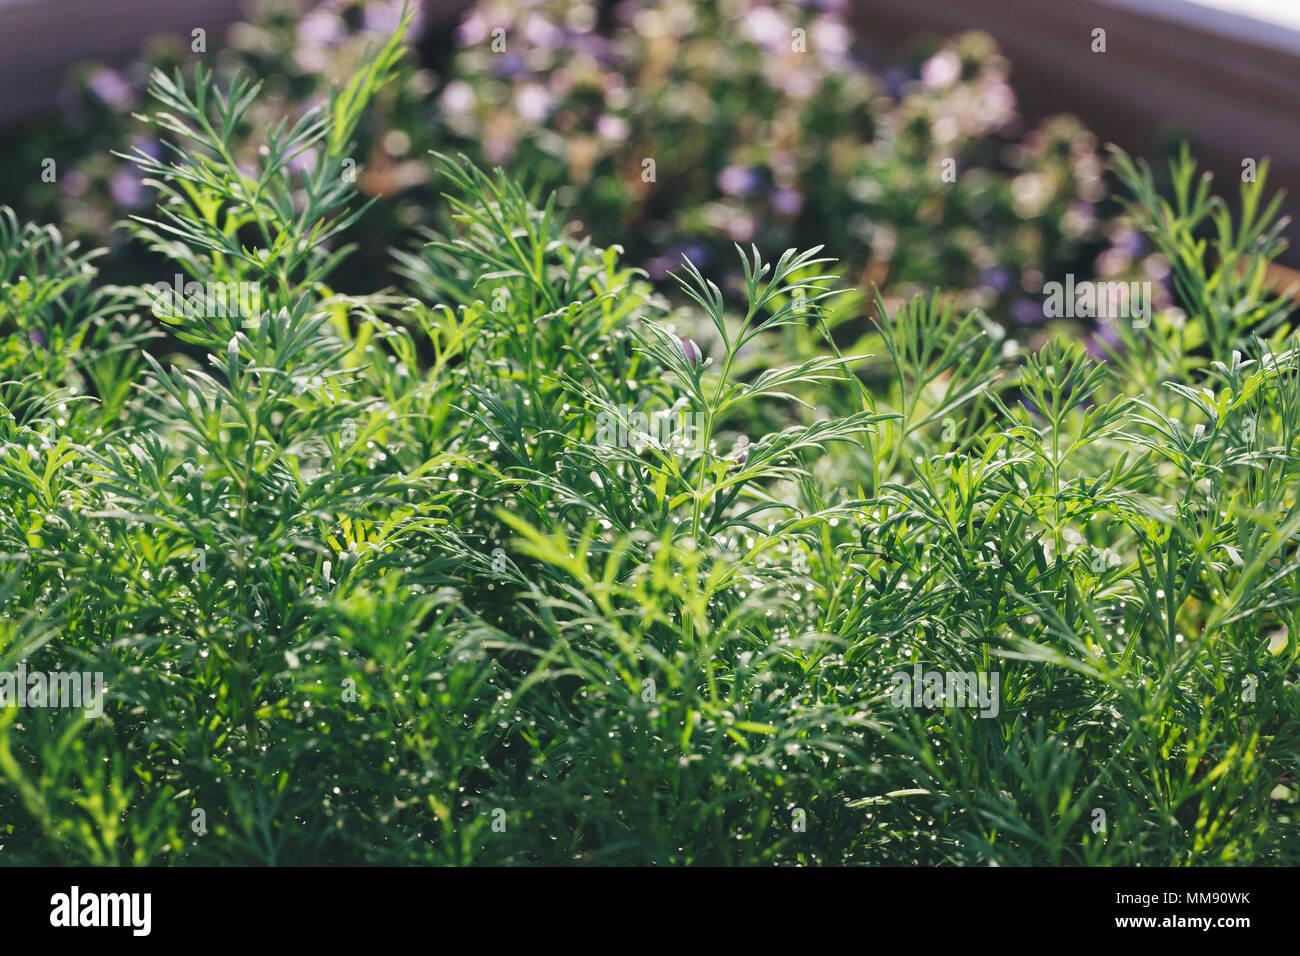 Cerca de eneldo fragantes plantas en un jardín bajo de sol por la mañana. Foto de stock